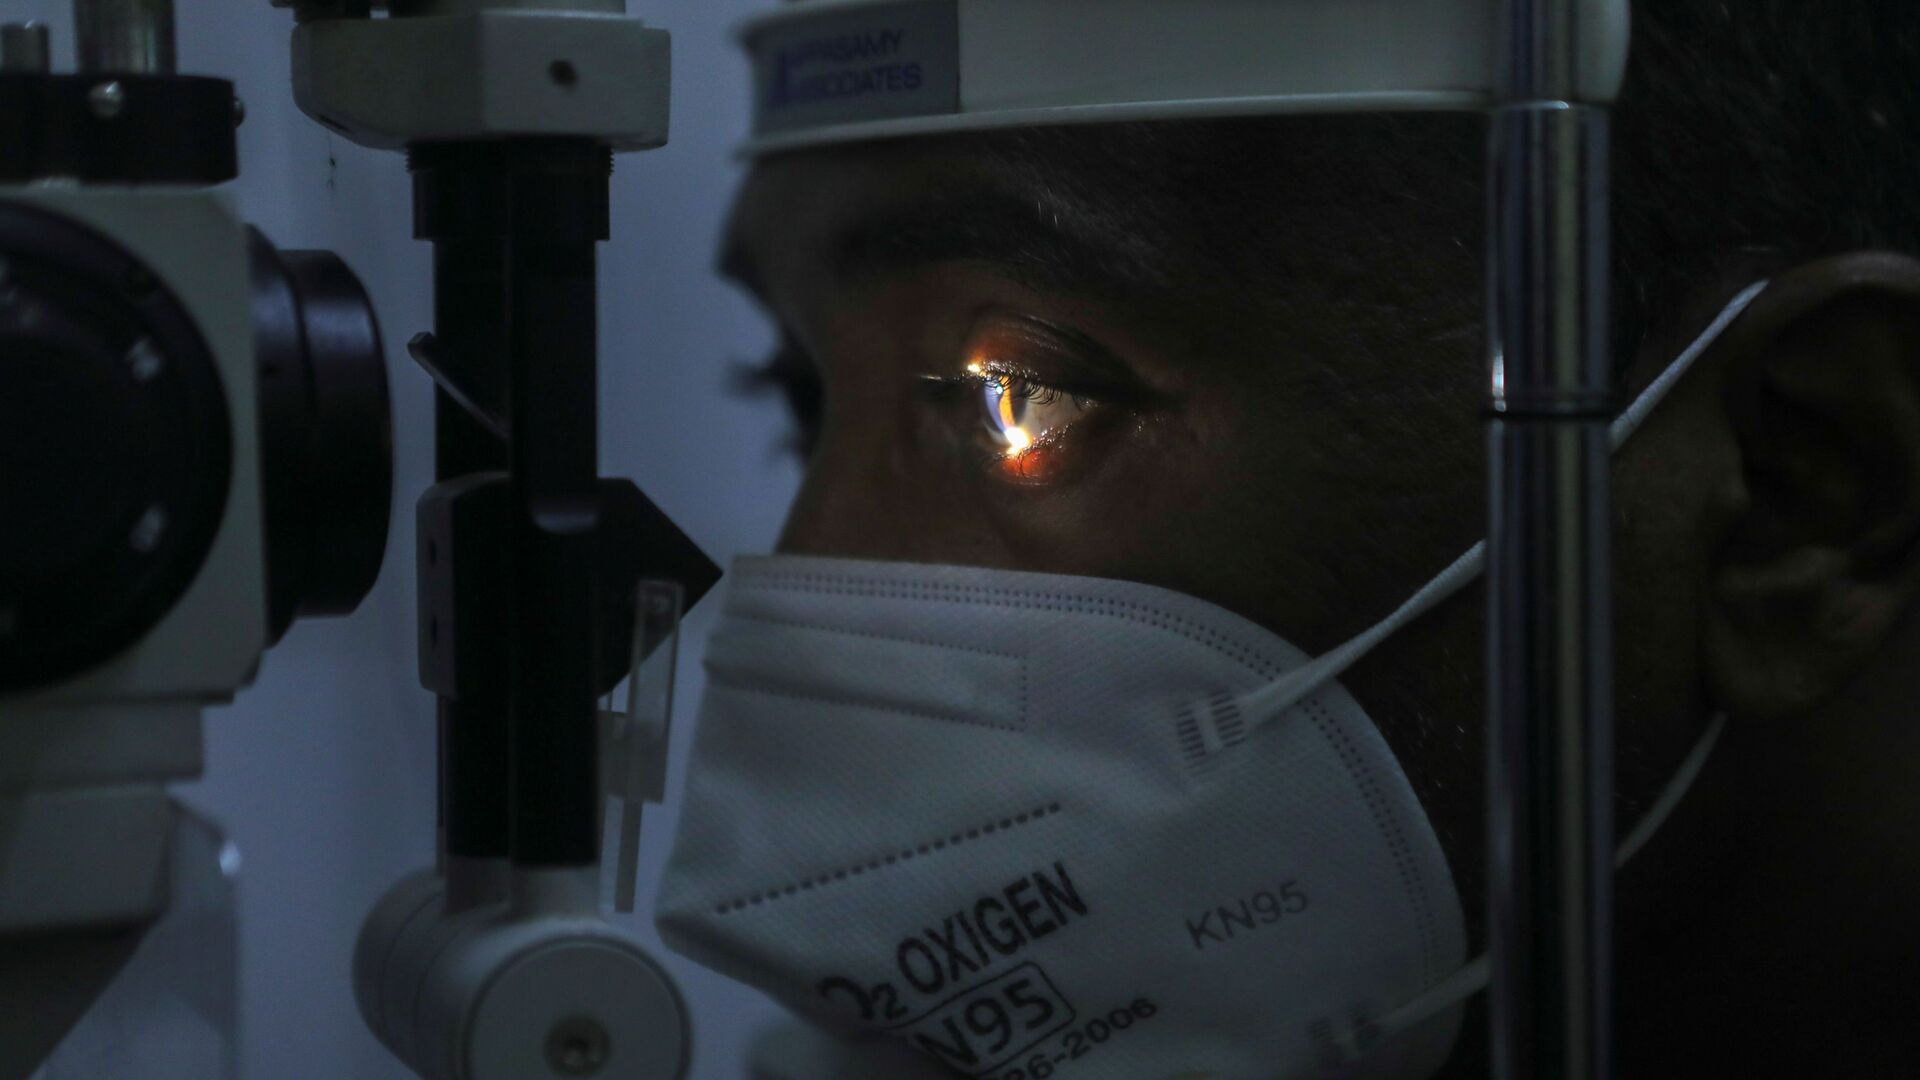 Lekarz sprawdza pacjenta pod kątem objawów mucormykozy za pomocą lampy szczelinowej w szpitalu w Bombaju w Indiach - Sputnik Polska, 1920, 06.07.2021